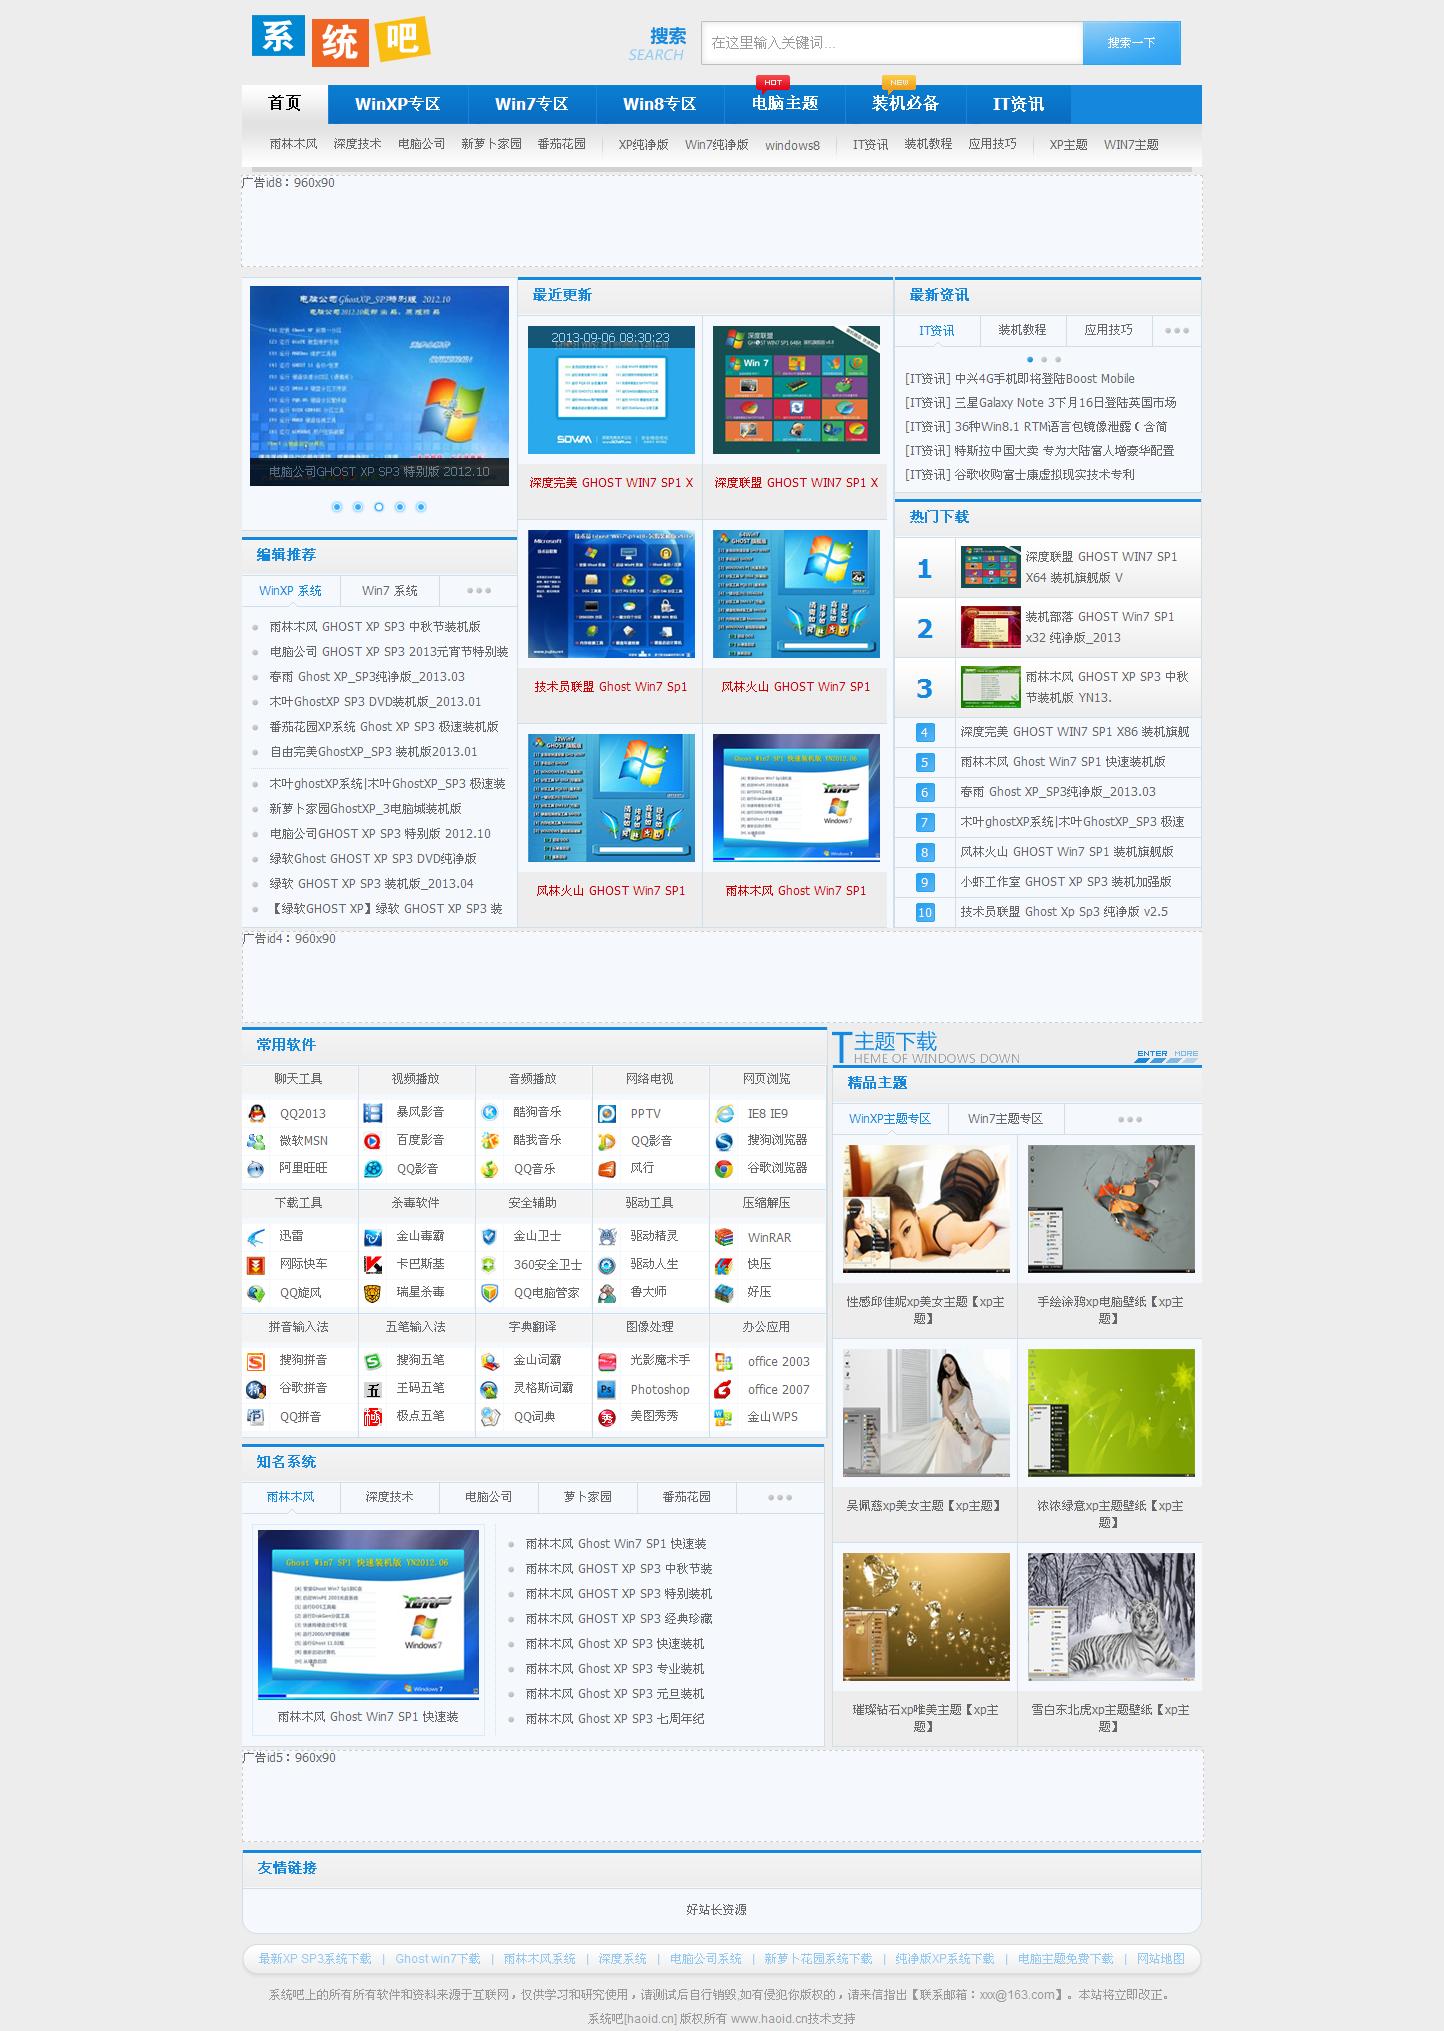 【经典源码】windows系统下载网站源码【帝国内核】 cms windows系统下载站 网站源码 第1张